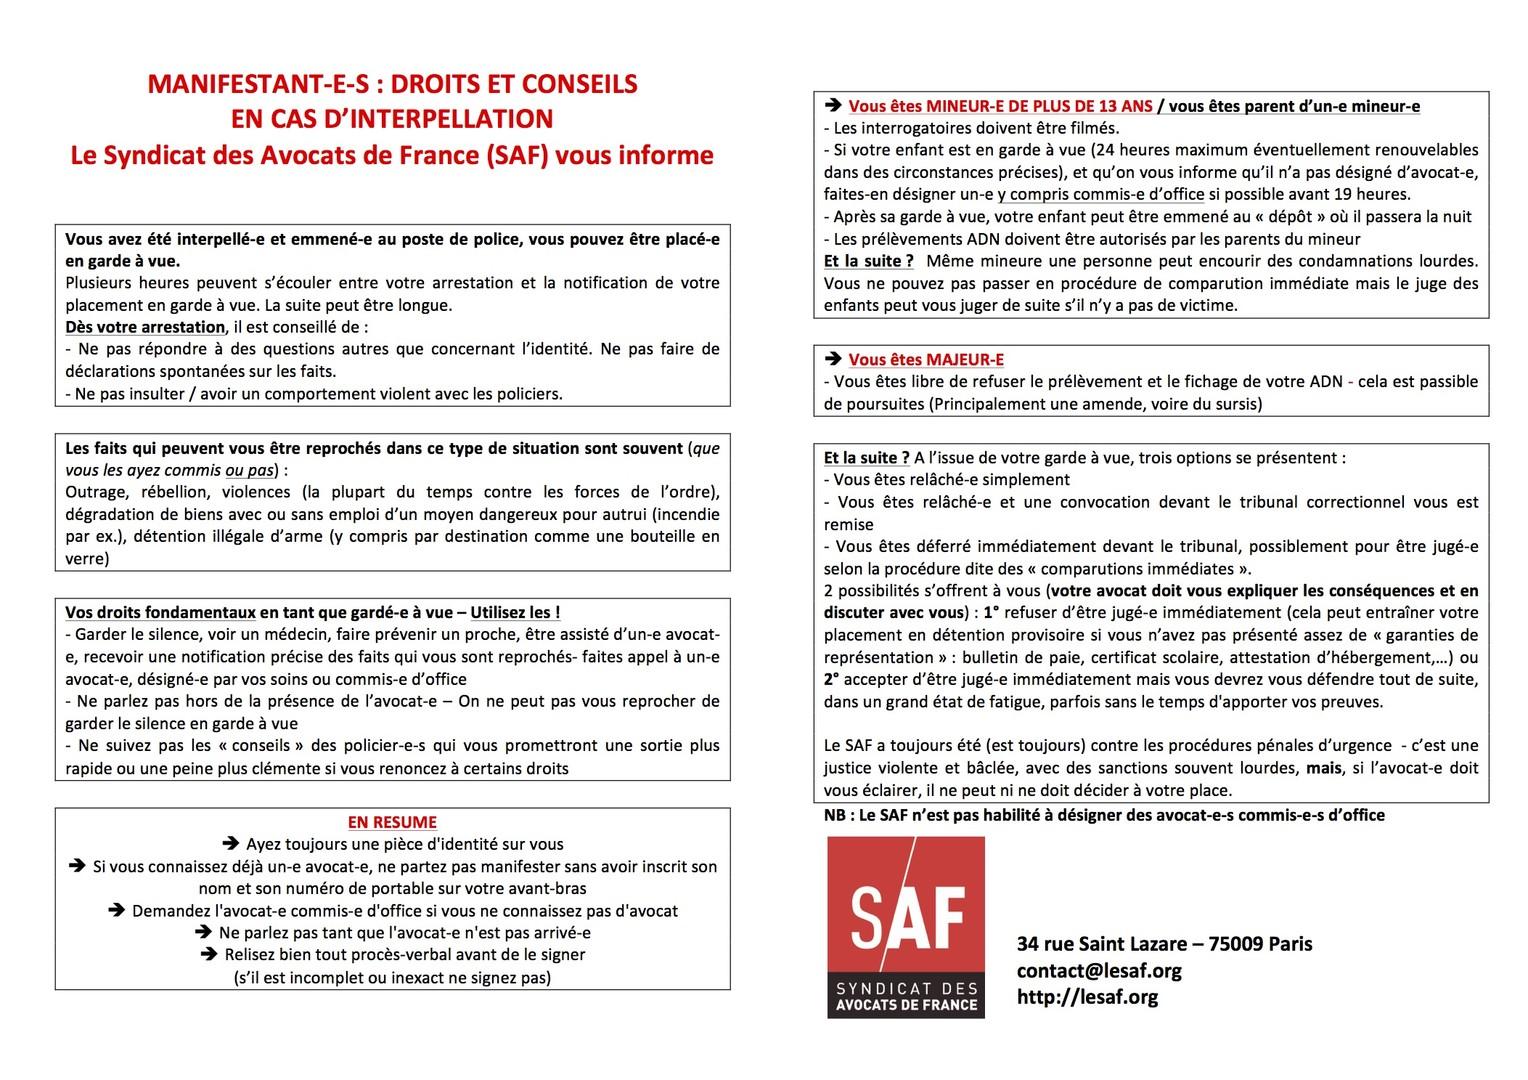 Incendie de la voiture de police : le Syndicat des avocats de France mis en cause par le parquet?